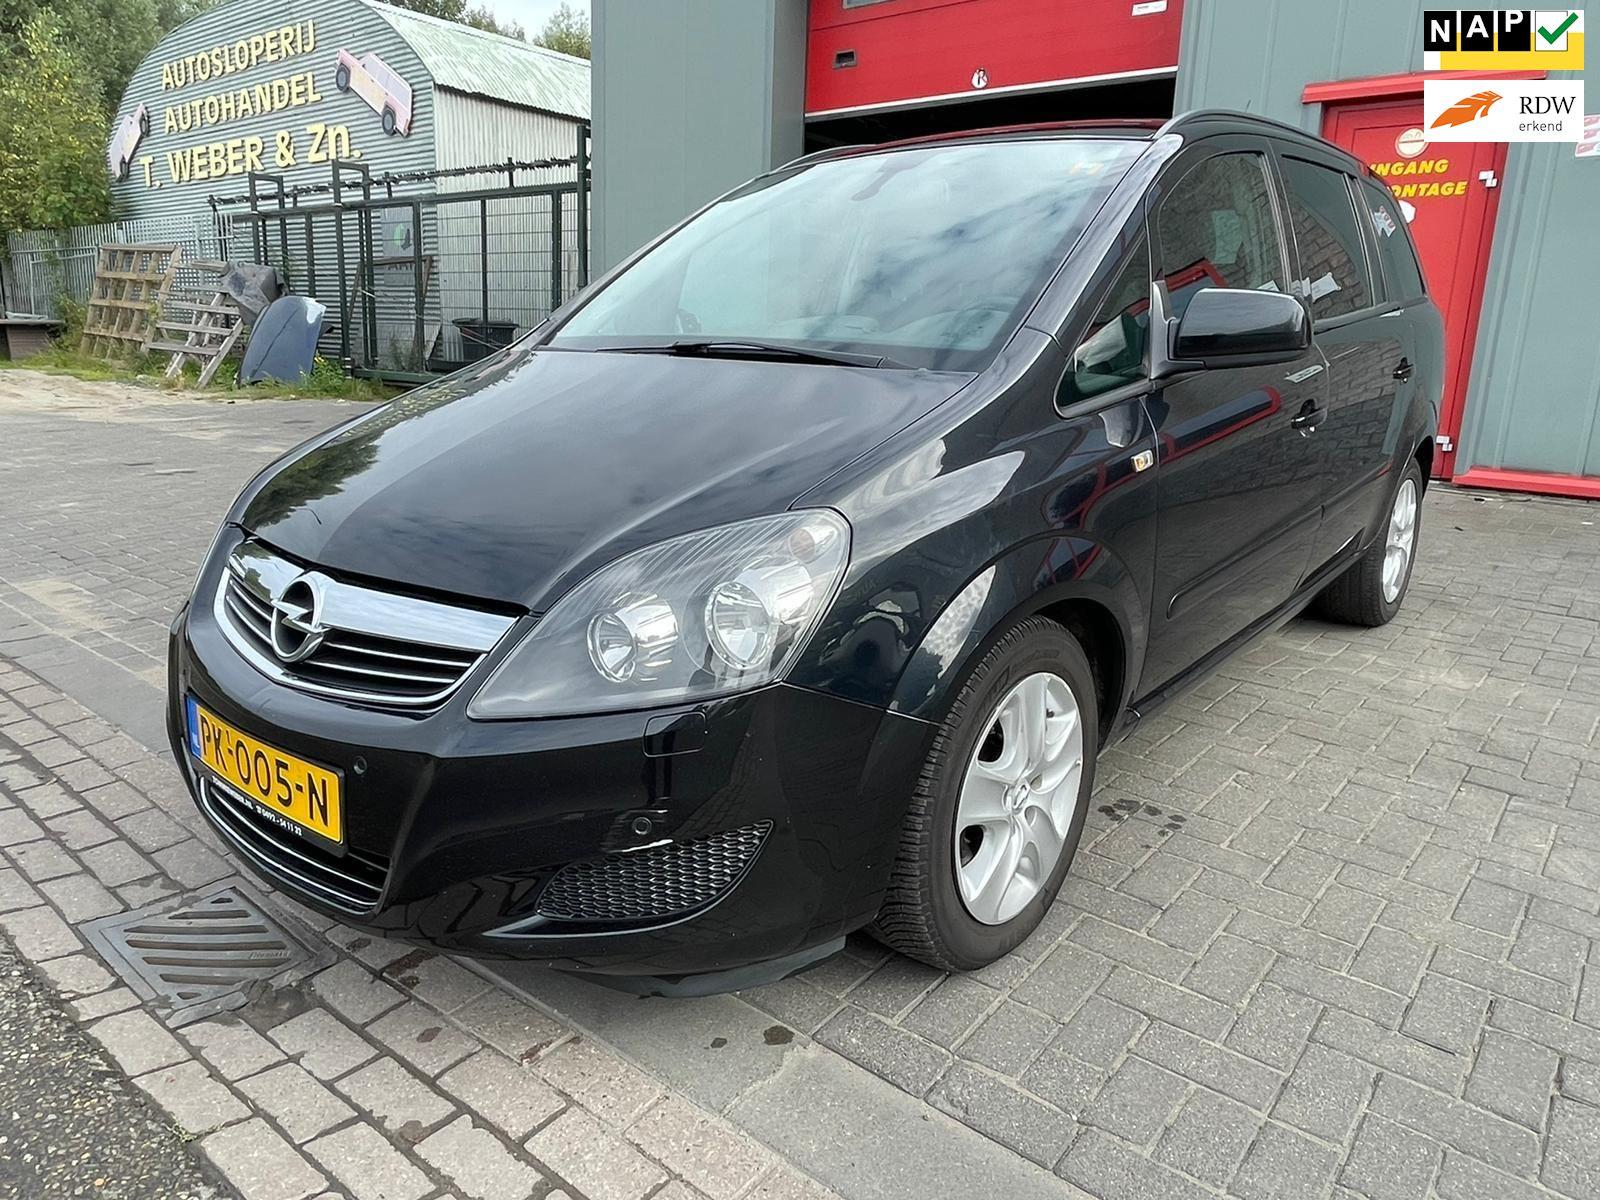 Opel Zafira occasion - Autobedrijf Tommie Weber & zn.